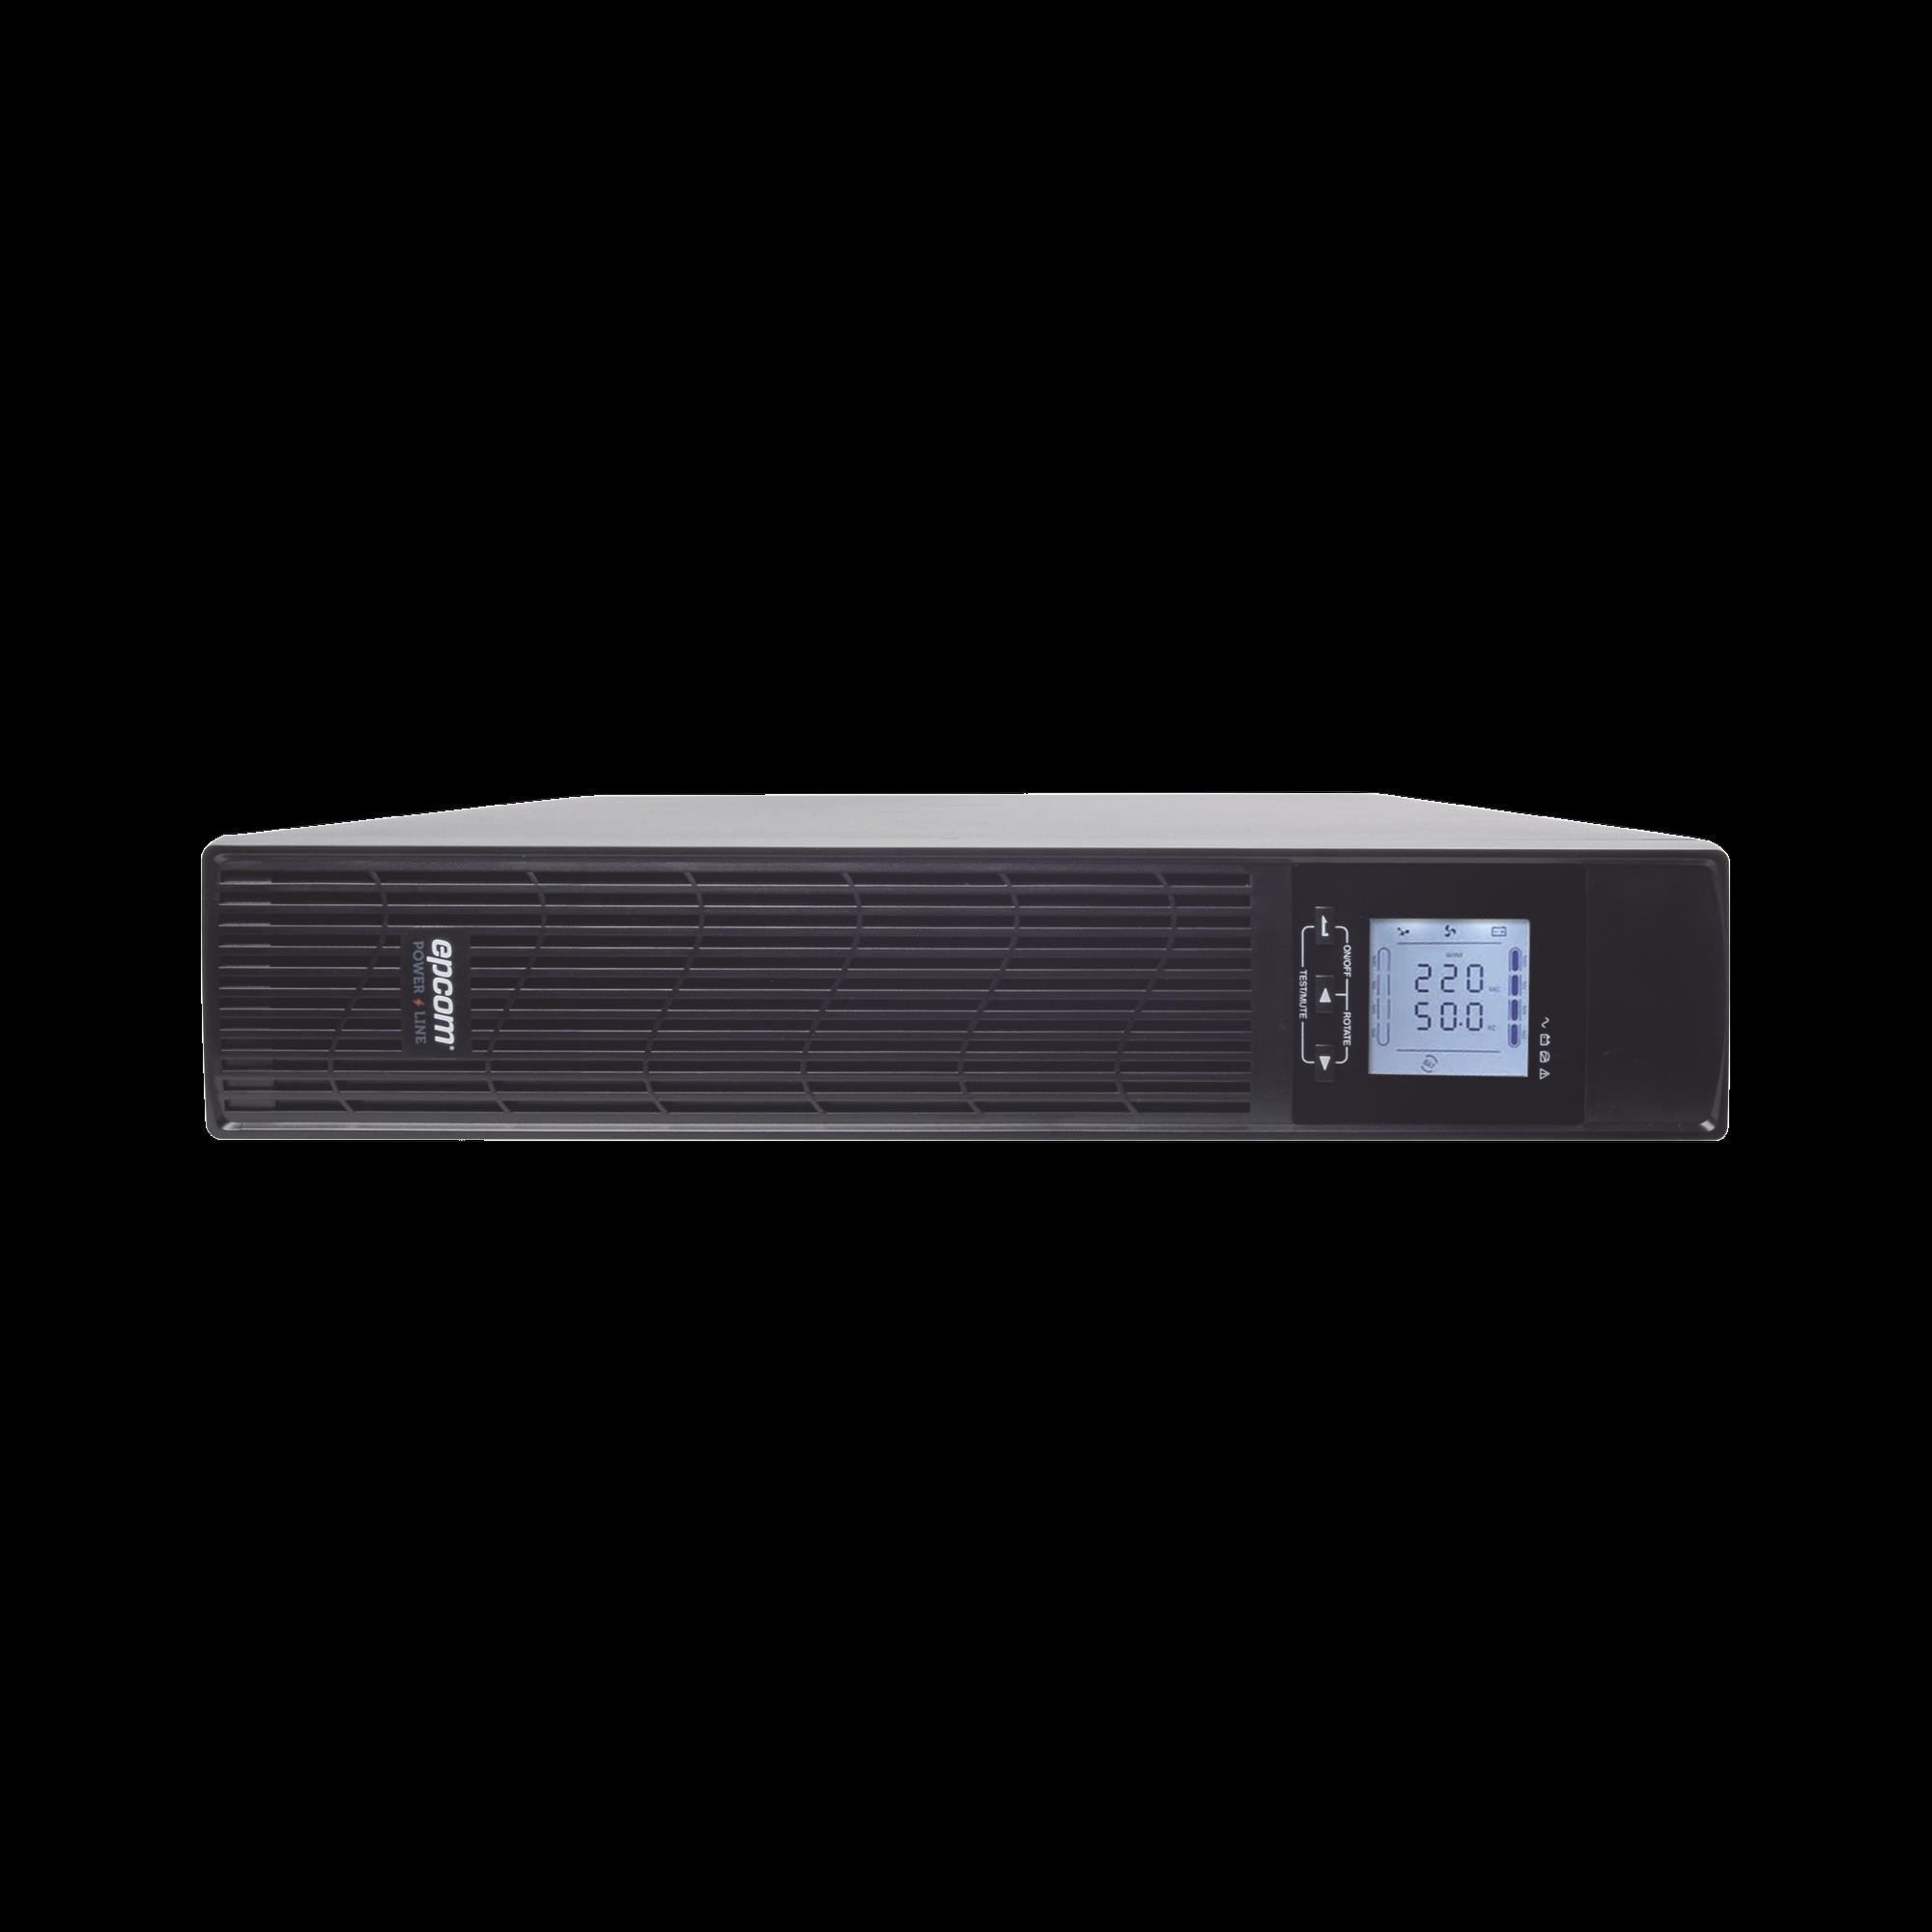 UPS de 3000VA/2700W / Topología On-Line Doble Conversión / Entrada y Salida de 120 Vca / Clavija de Entrada NEMA 5-30P / Pantalla LCD Configurable / Formato Rack/Torre